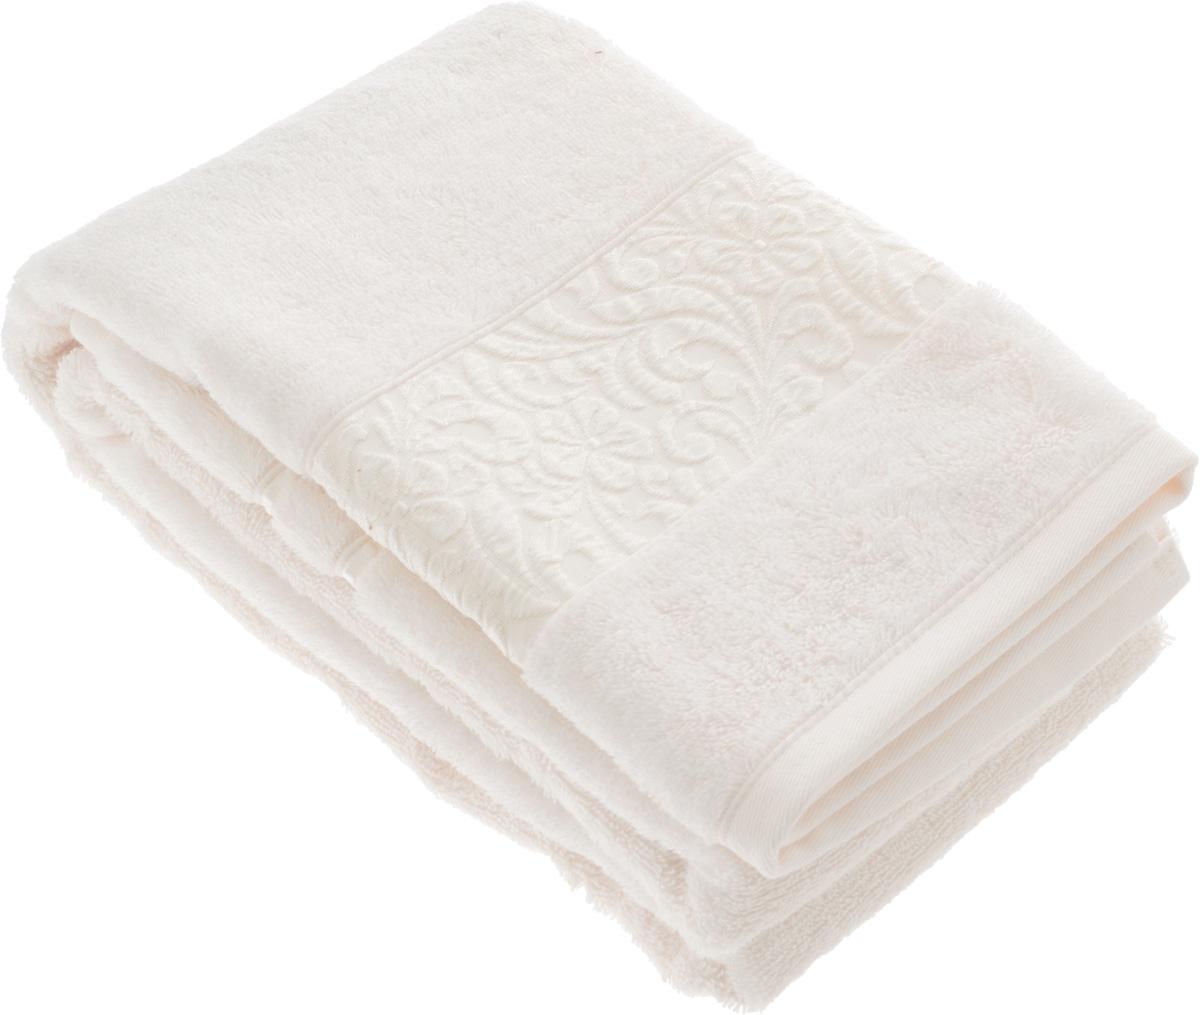 Полотенце бамбуковое Issimo Home Valencia, цвет: экрю, 70 x 140 см4753Полотенце Issimo Home Valencia выполнено из 60% бамбукового волокна и 40% хлопка. Таким полотенцем не нужно вытираться - только коснитесь кожи - и ткань сама все впитает. Такая ткань впитывает в 3 раза лучше, чем хлопок. Несмотря на высокую плотность, полотенце быстро сохнет, остается легкими даже при намокании. Изделие имеет красивый жаккардовый бордюр, оформленный цветочным орнаментом. Благородные, классические тона создадут уют и подчеркнут лучшие качества махровой ткани, а сочные, яркие, летние оттенки создадут ощущение праздника и наполнят дом энергией. Красивая, стильная упаковка этого полотенца делает его уже готовым подарком к любому случаю.